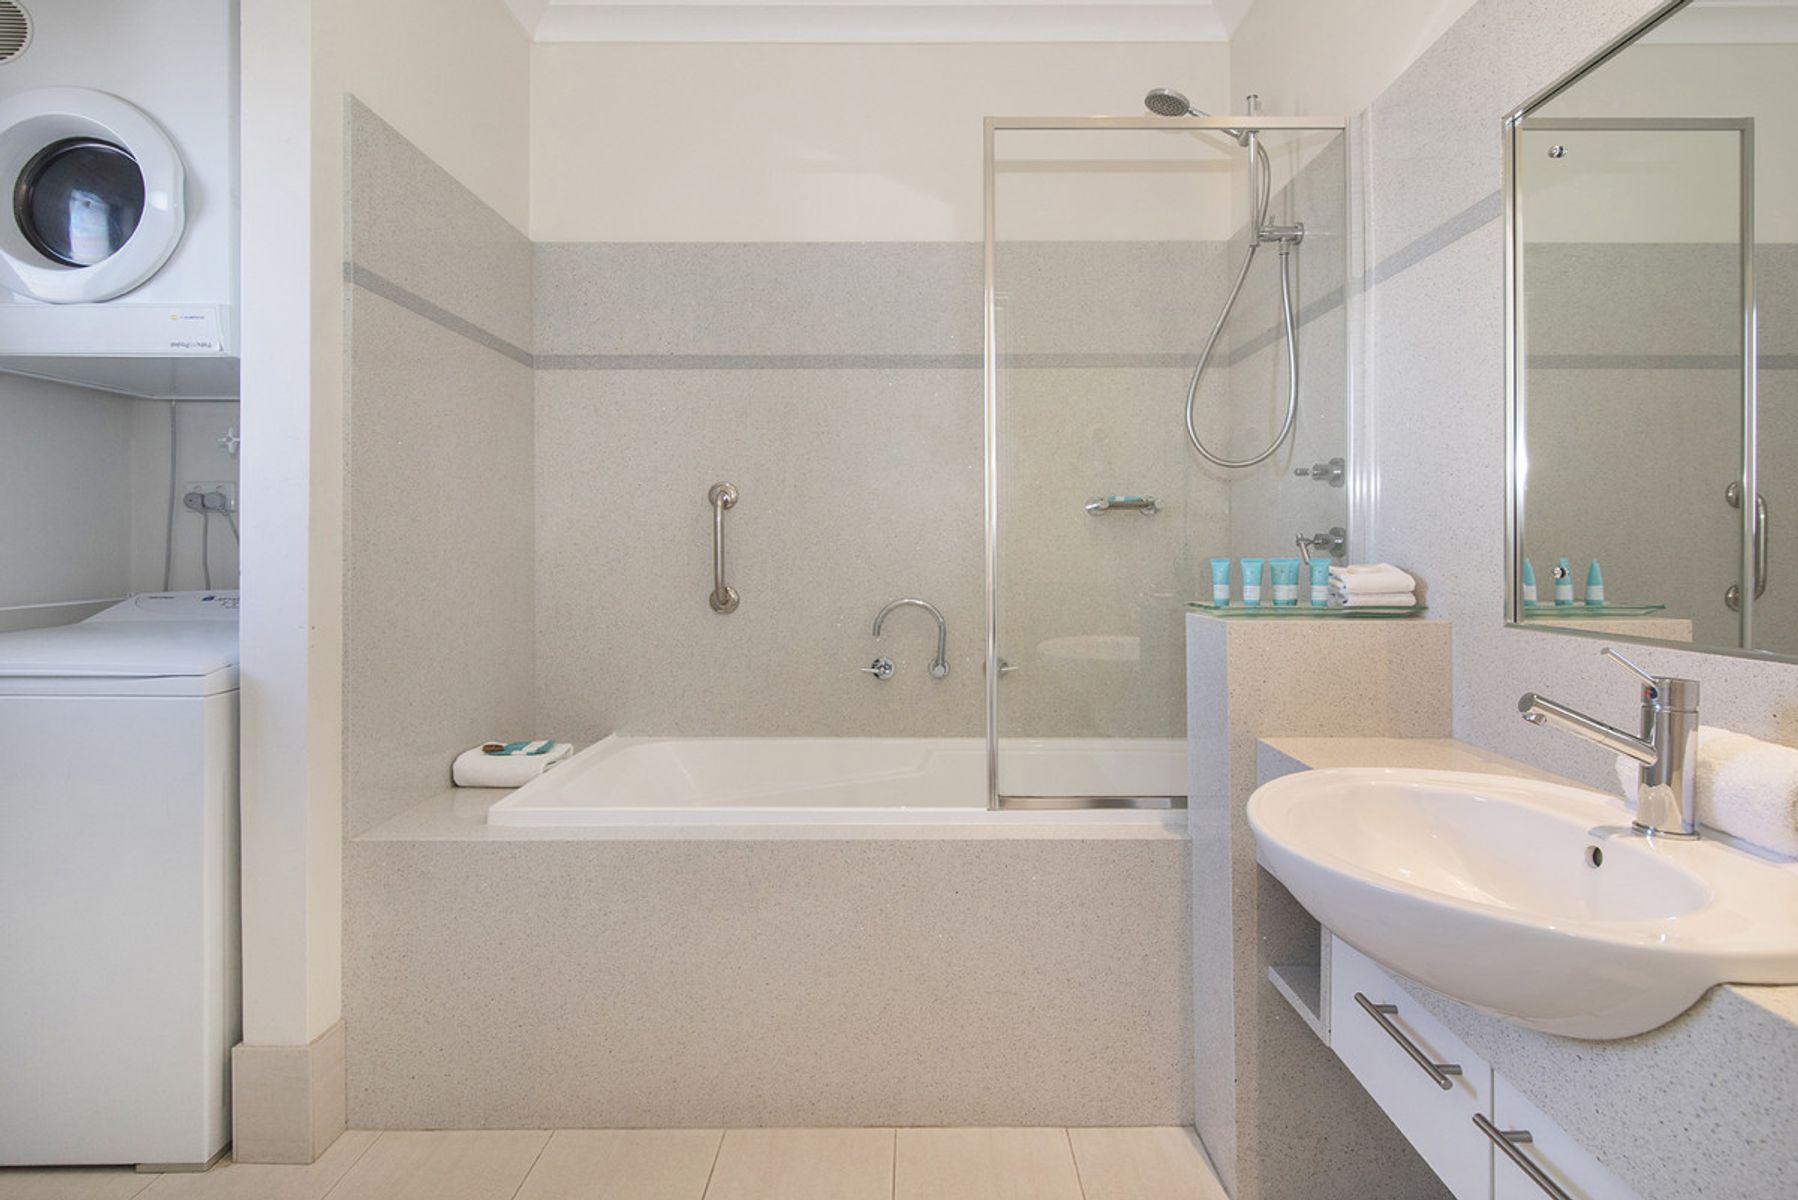 228/1 Resort Place, Gnarabup, WA 6285